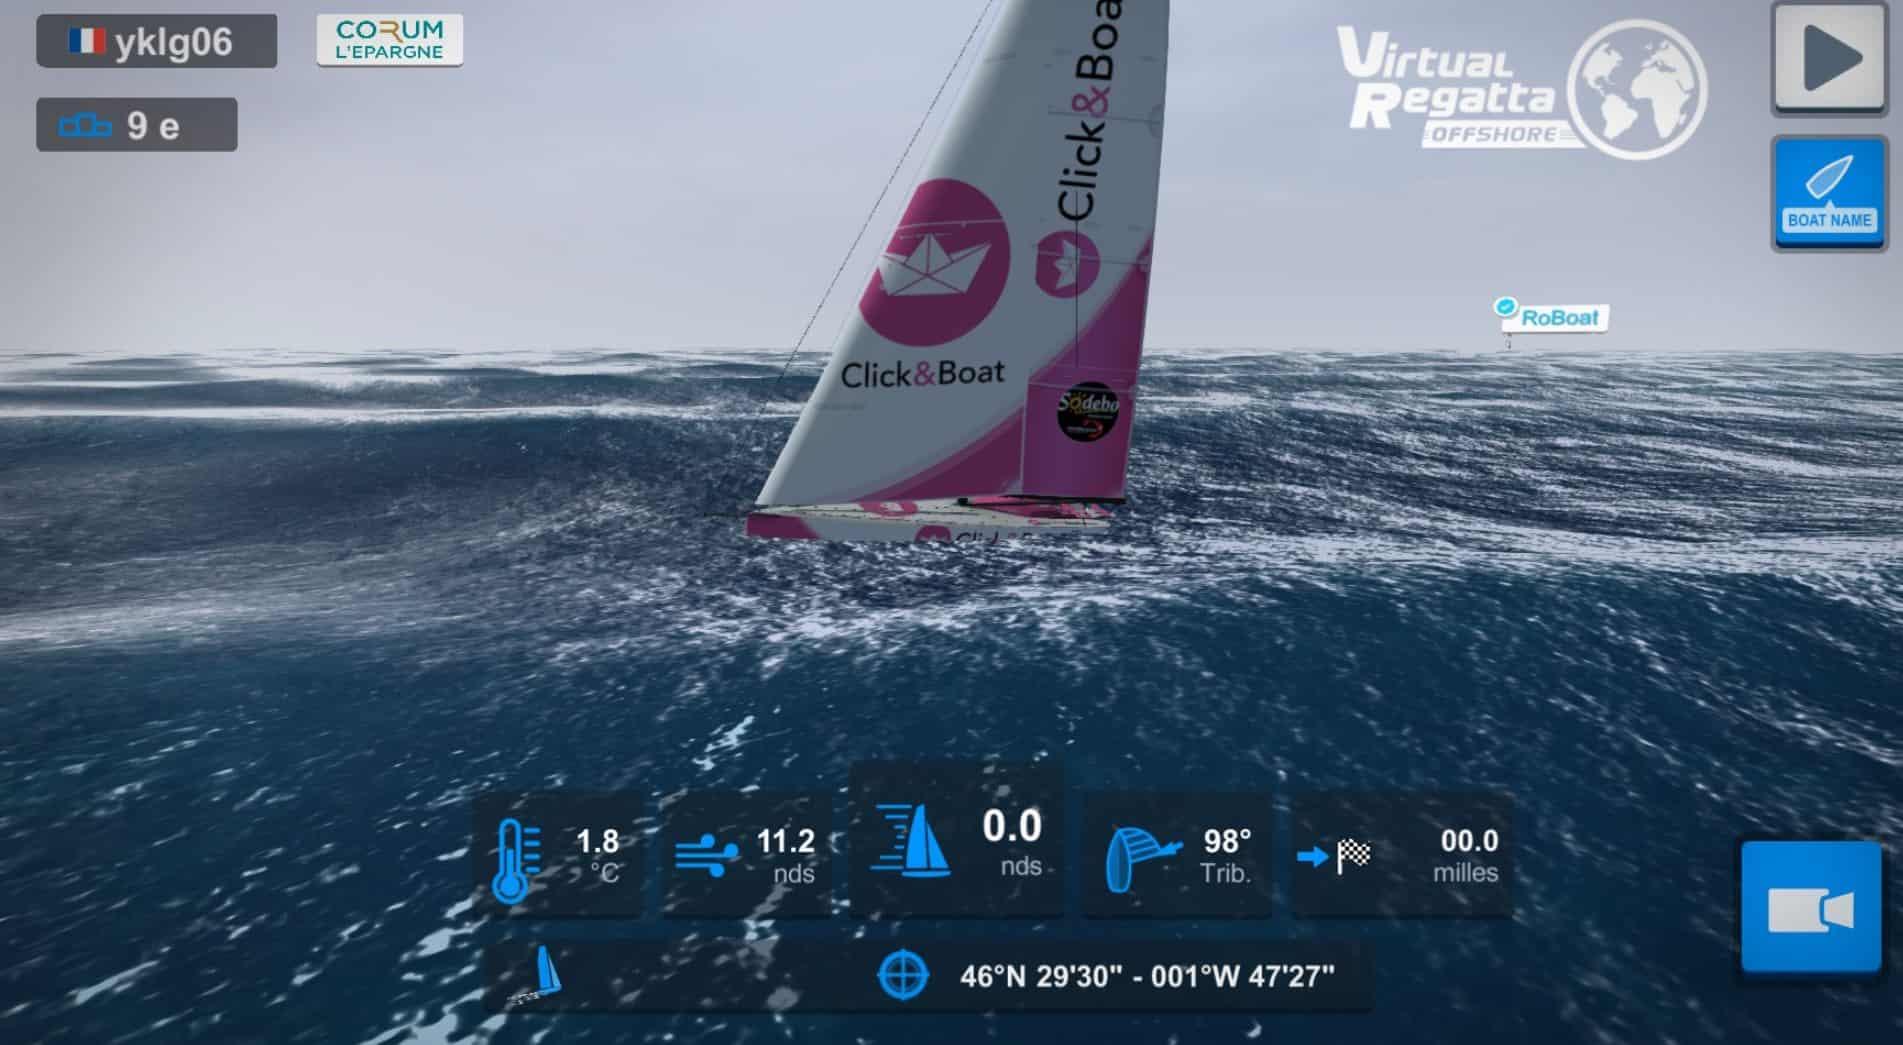 Médaille d'argent du challenge Click&Boat au sein du Vendée Globe virtuel